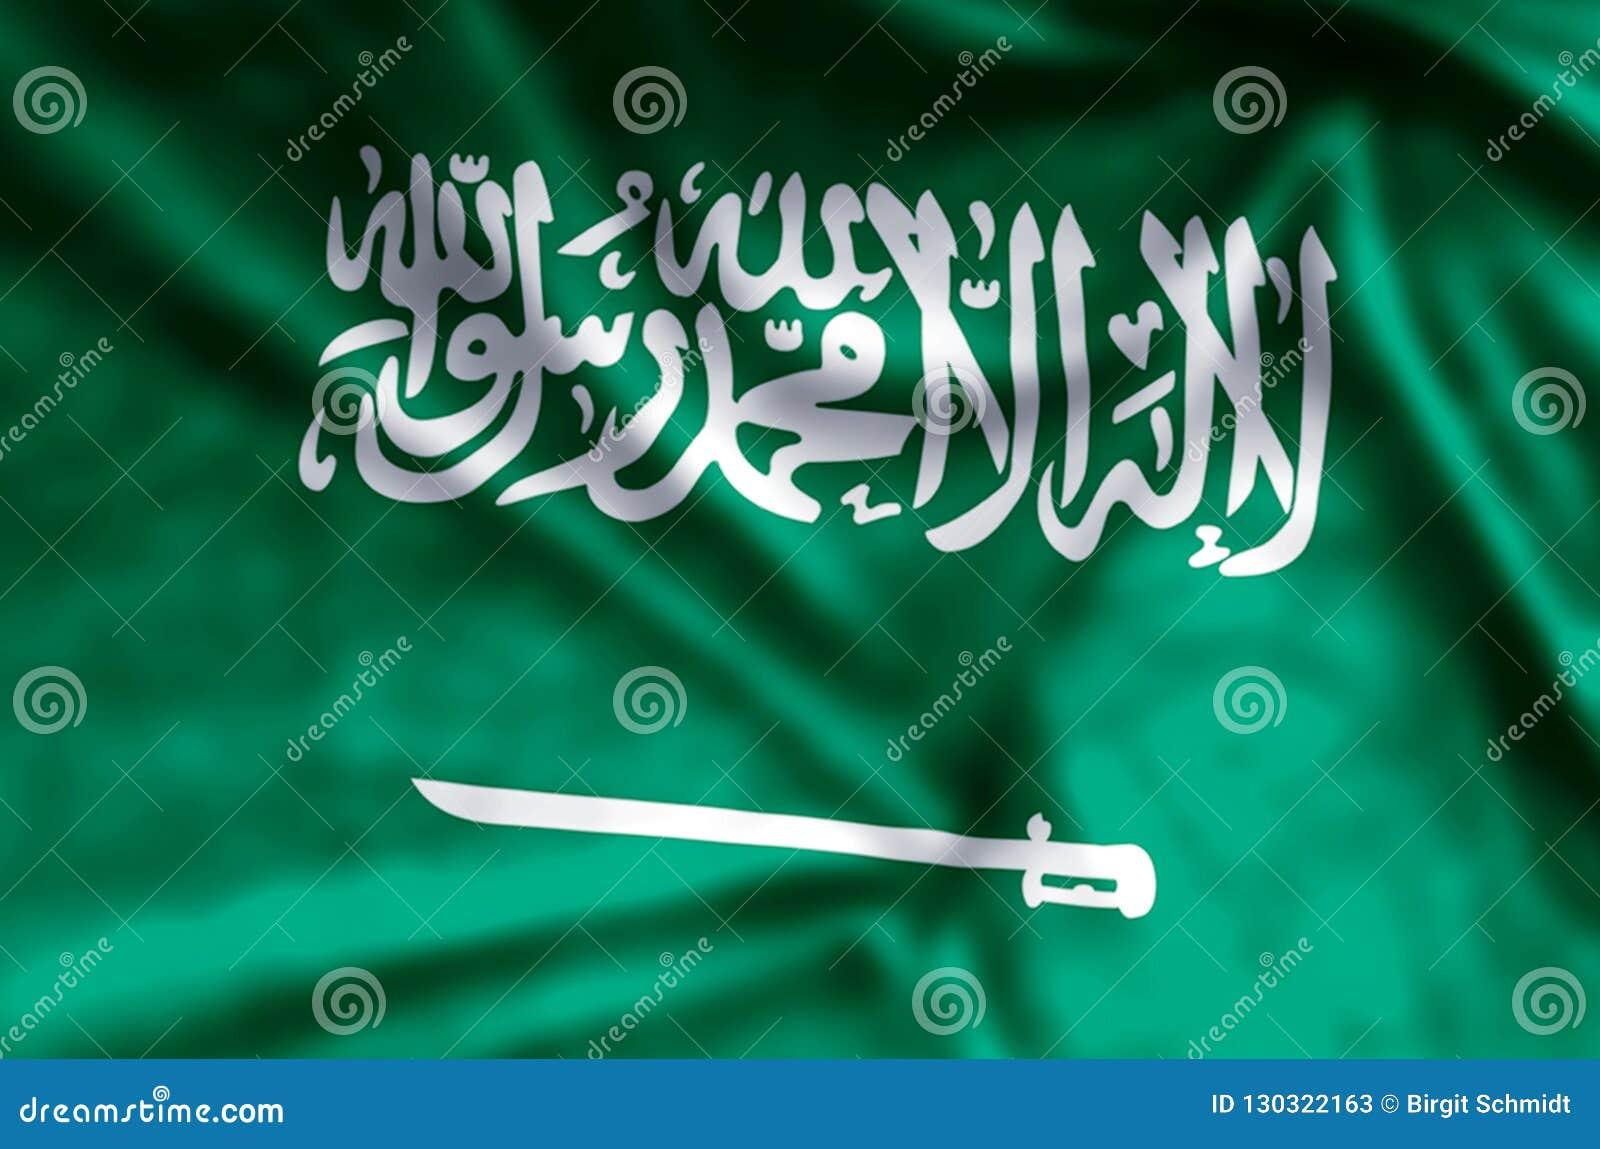 Zgadzam się barwił Arabii obszaru klip elewację zawiera siwiejącą jest zagadką nawet drogę ulga cieniący saudyjczyk otoczony prze